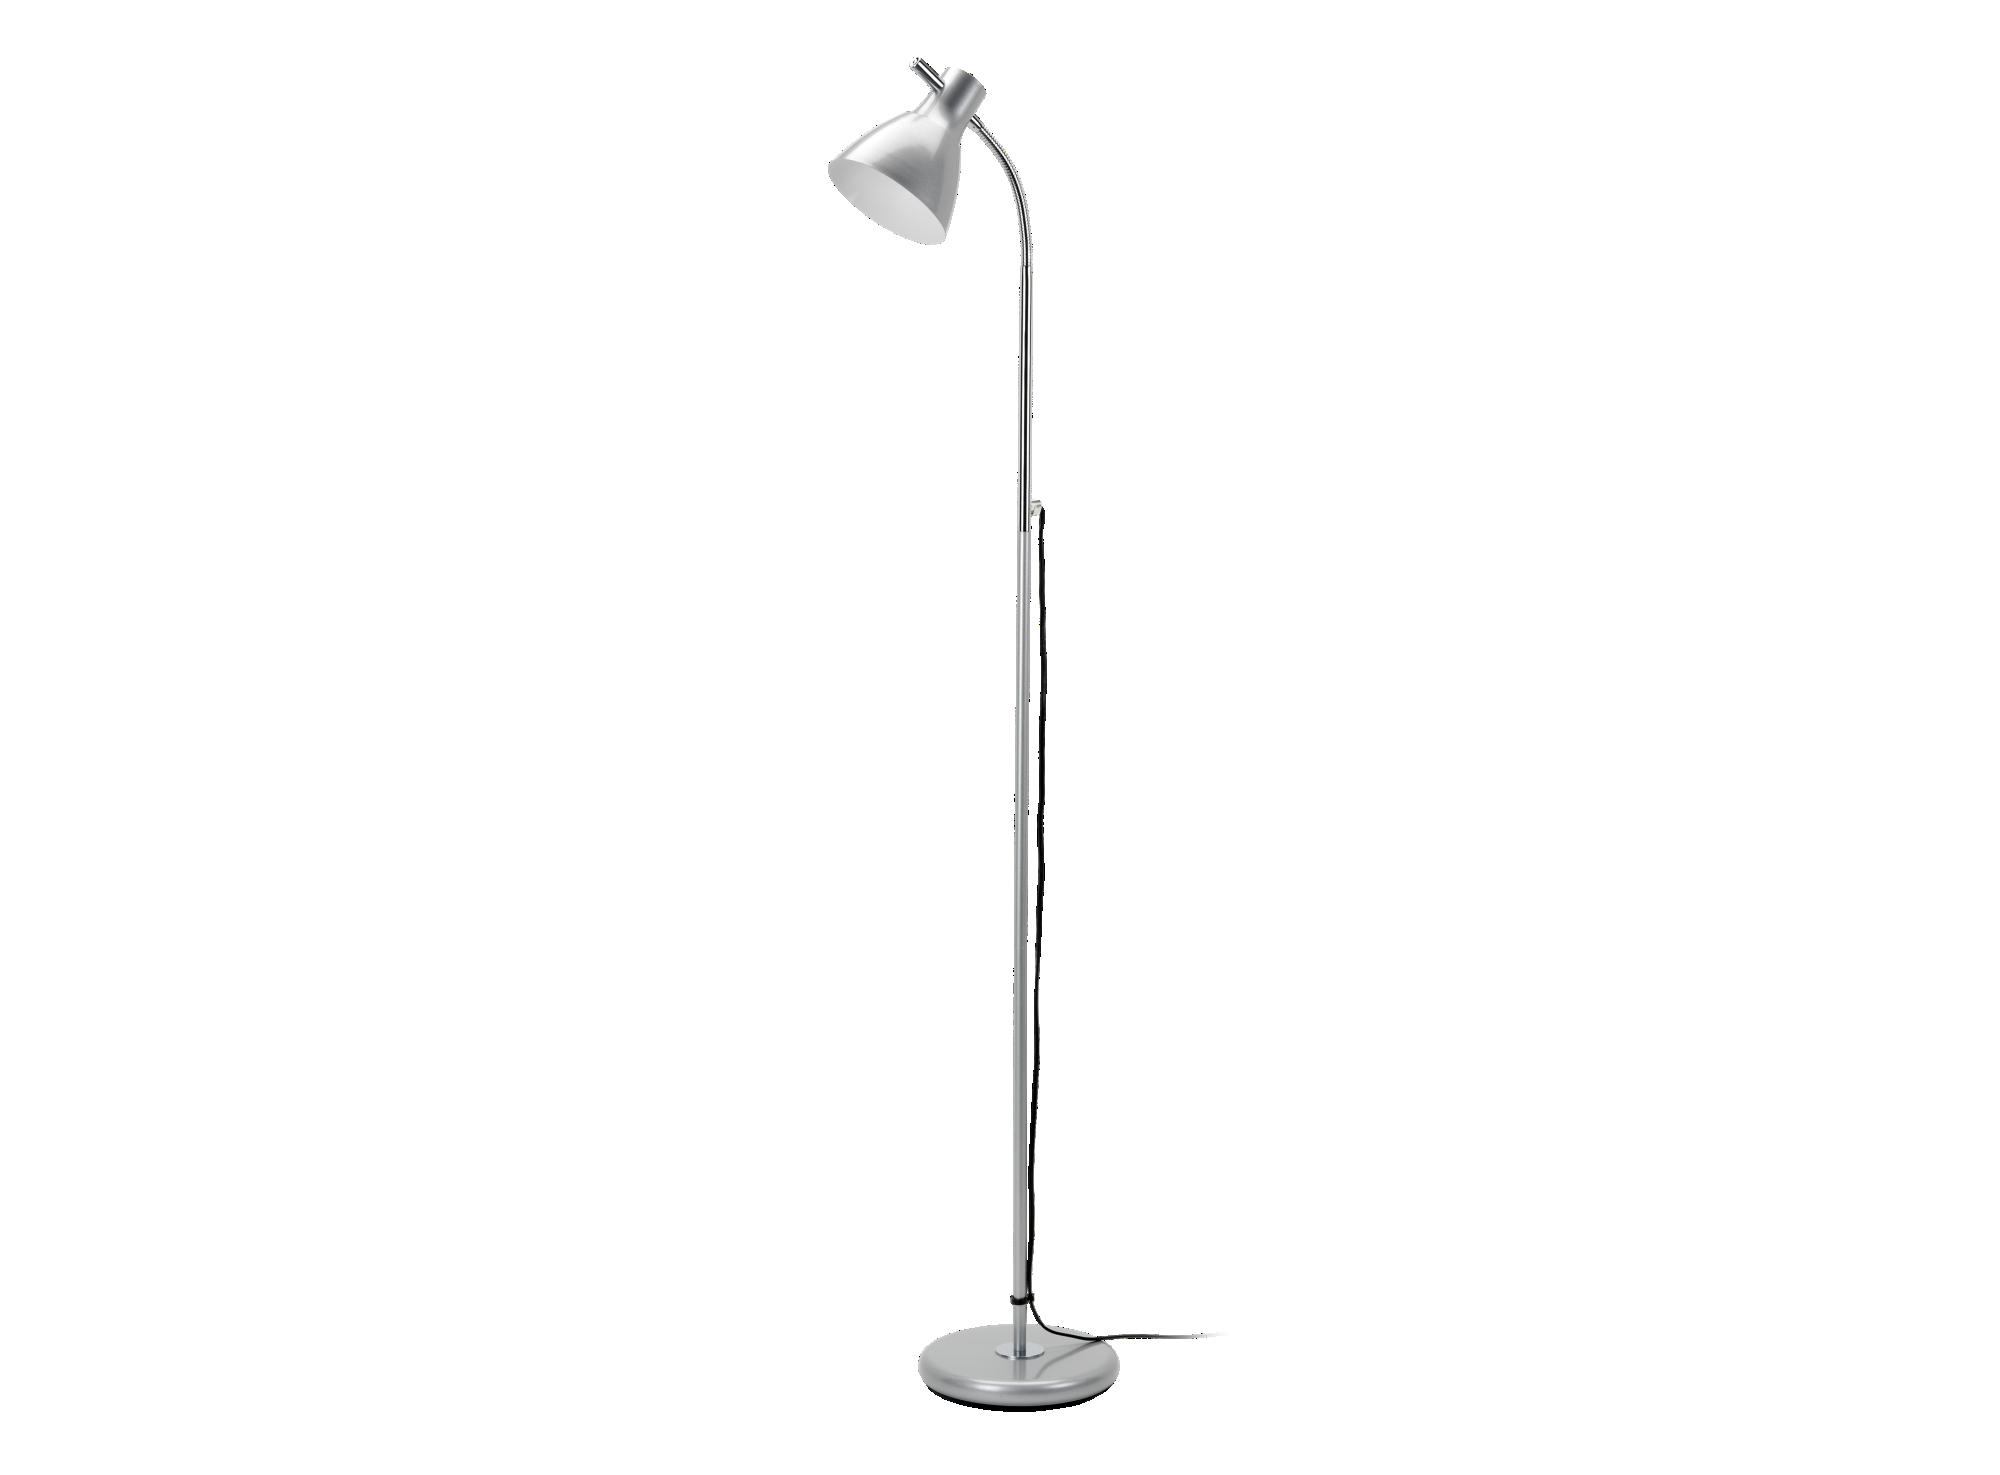 Lampadaire hauteur 137cm diametre 22cm en fer laque coloris chrome et ...